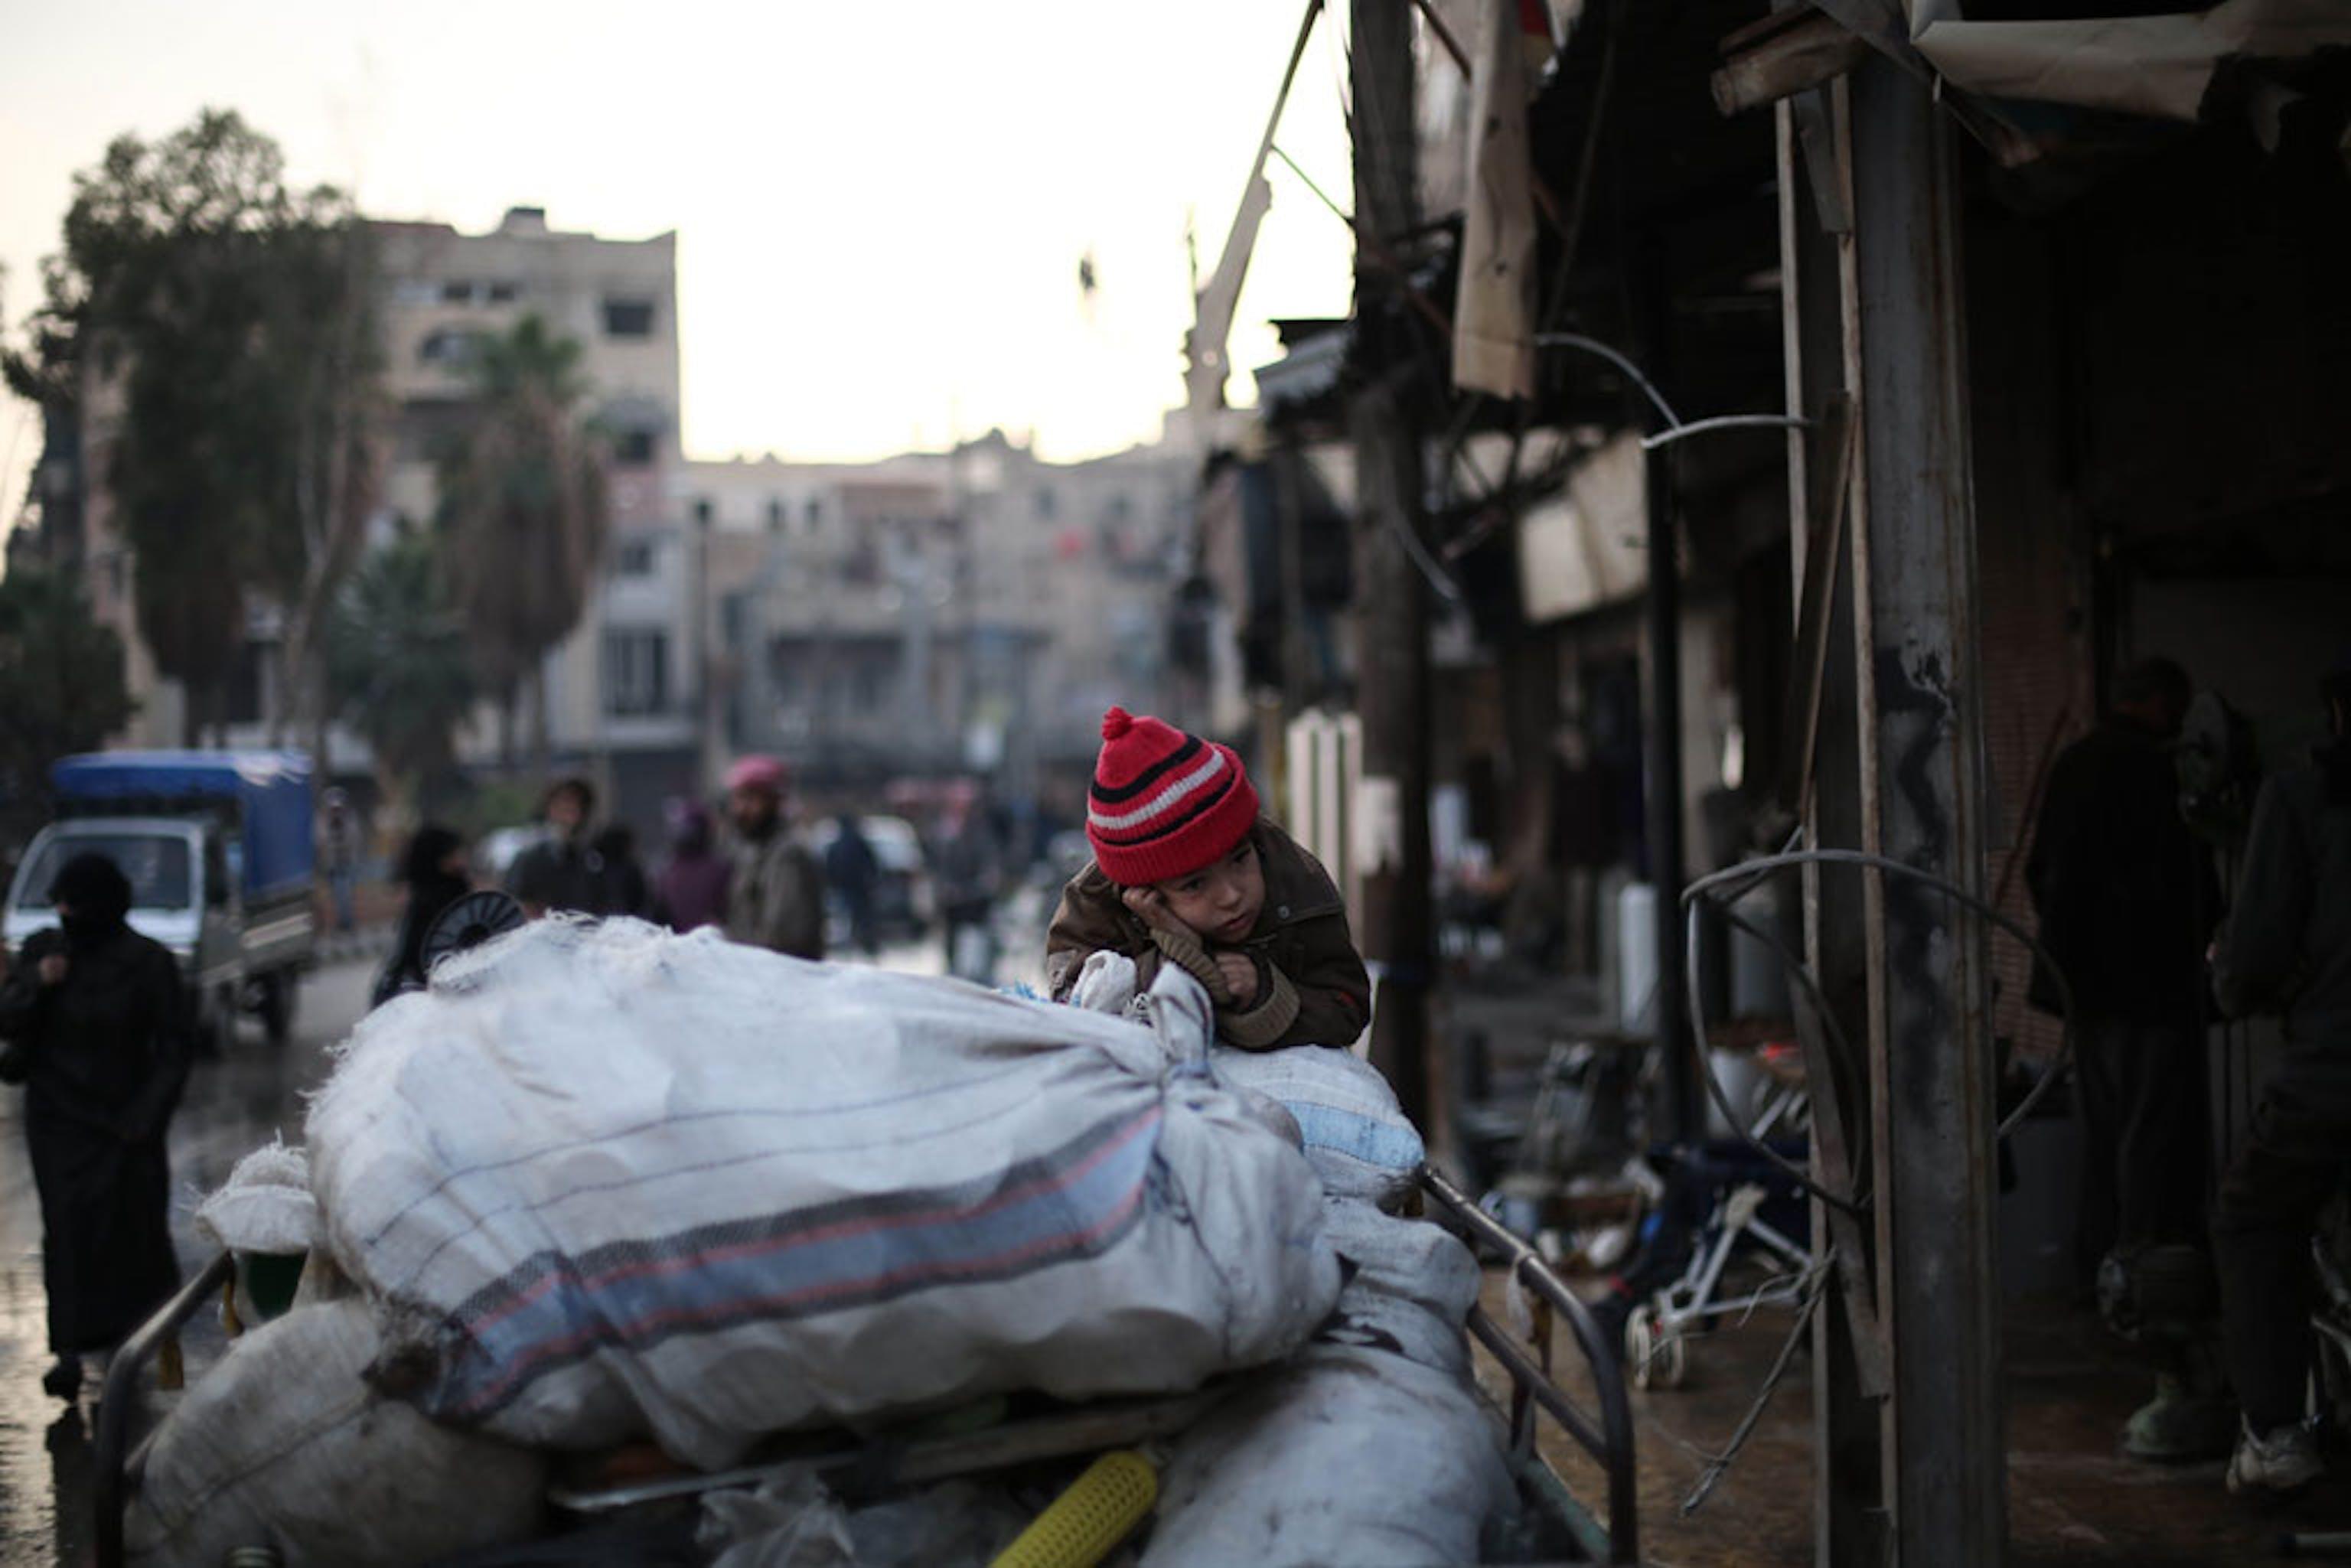 Una bambina di Ghouta (Siria) costretta con la sua famiglia a fuggire dalla sua casa a causa dei combattimenti (dicembre 2017) - ©UNICEF/Amer Al Shami